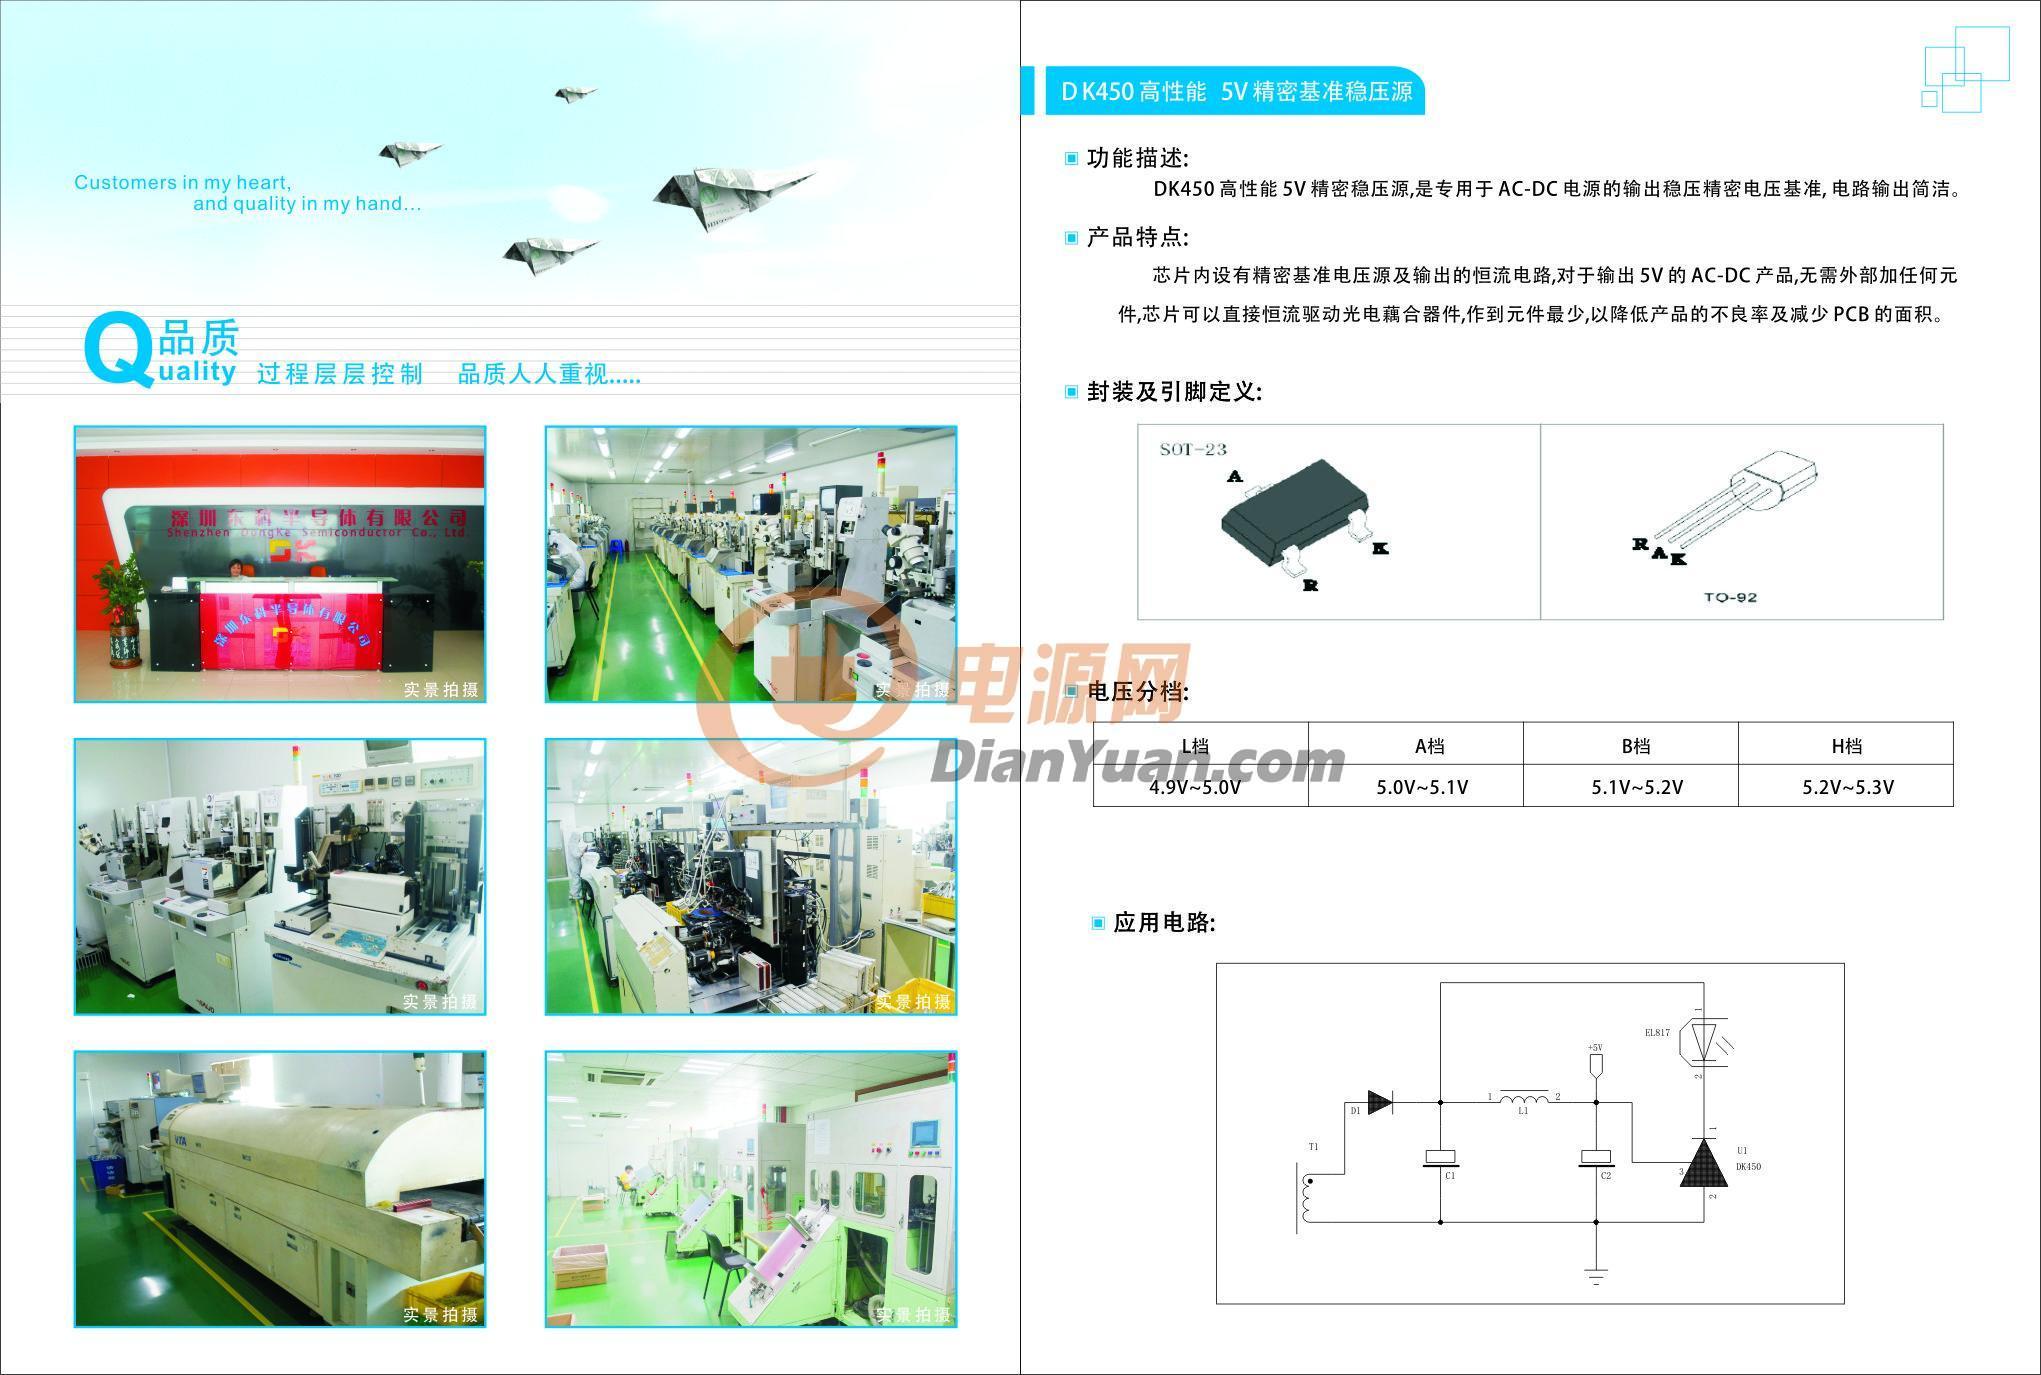 [产品介绍]: 跟传统芯片对比优势: 1.节省外部启动电阻,将其集成芯片内部。 2.光耦反馈部可以使用DK450代替(限5伏) 3.节省外部反馈绕阻,将其集成芯片内部。 4.节省外部取样电阻,将其集成芯片内部。 5.双芯片设计(高压:晶体管 低压:MOS管) 6.高压保护电路(85-265V)